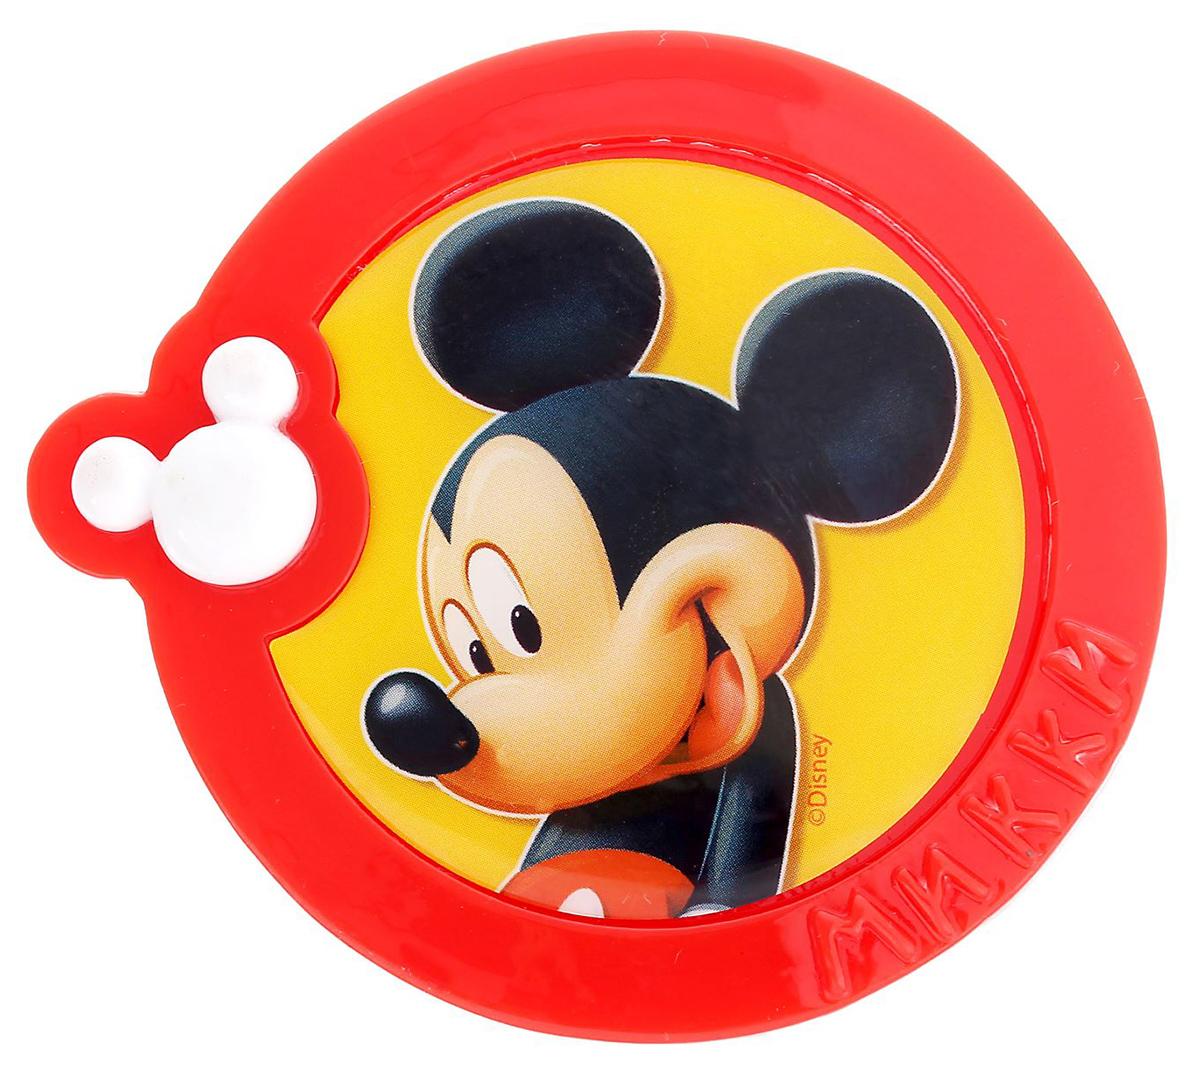 Магнит-рамка Disney Микки Маус, 6,2 х 6,1 см. 12568561256856Дарите радость с Disney Удивите малышей уникальным сувениром с любимым персонажем! Он порадует ребёнка стильным дизайном и ярким исполнением. Красочный акриловый магнит будет долгие годы украшать холодильник или другую металлическую поверхность. Изделие дополнено оригинальной открыткой, где можно написать тёплые слова и сделать маленький подарок более личным. Соберите коллекцию аксессуаров с любимыми героями!